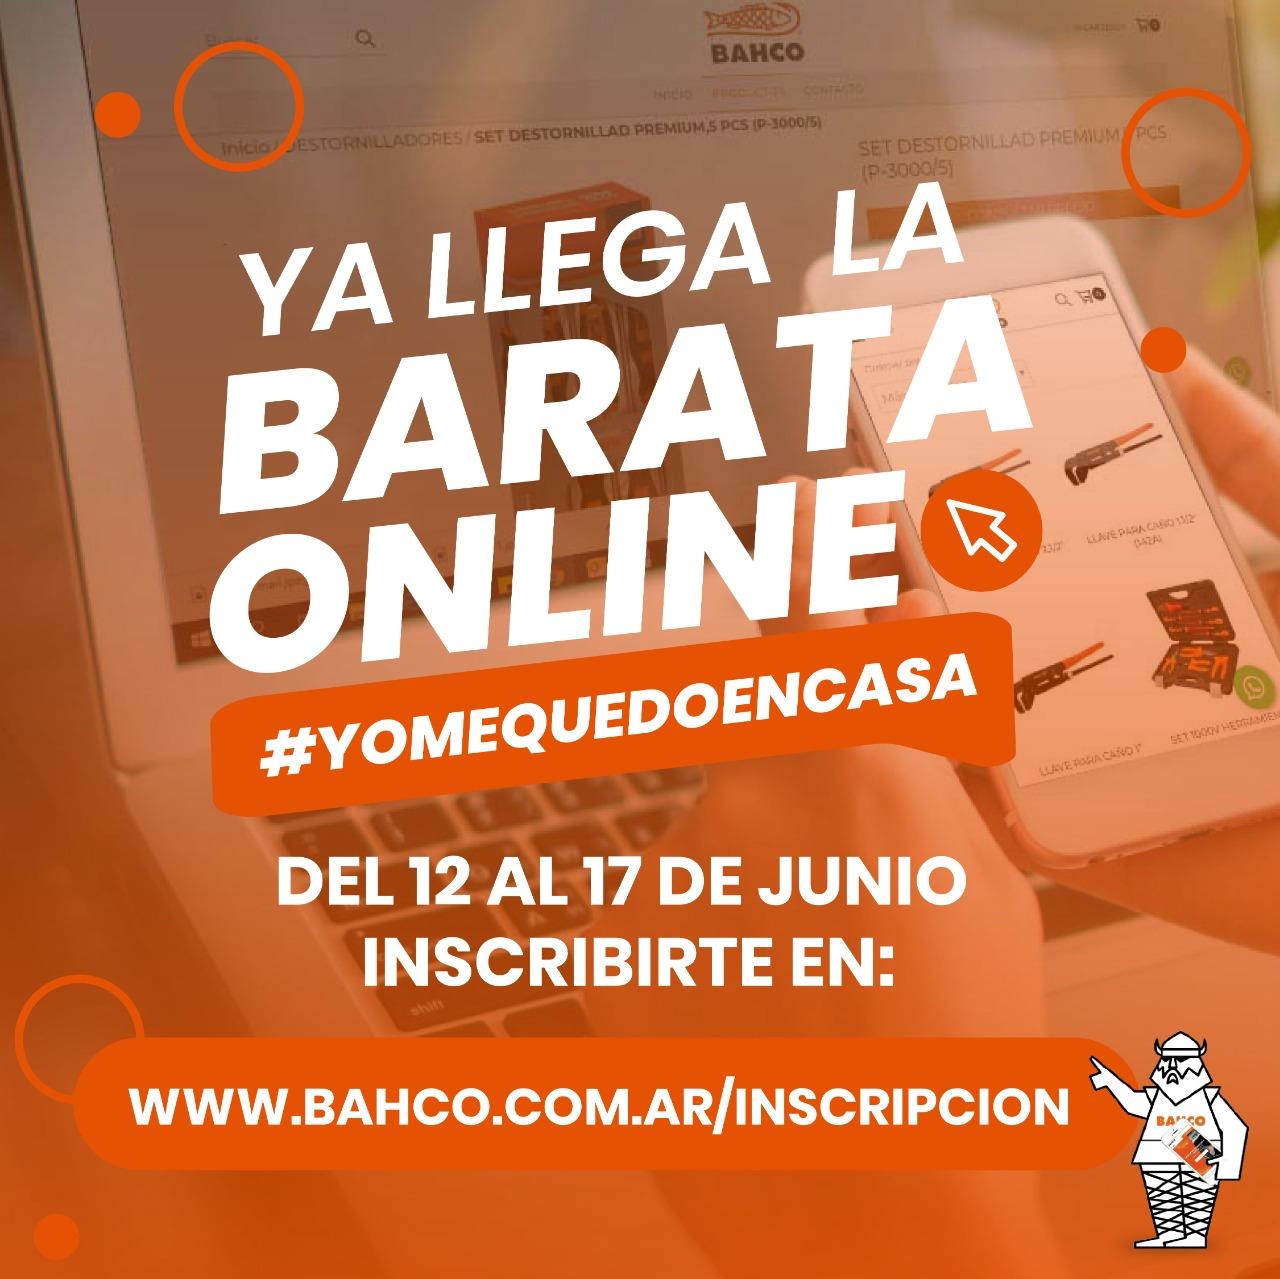 Comienza la barata online de BAHCO